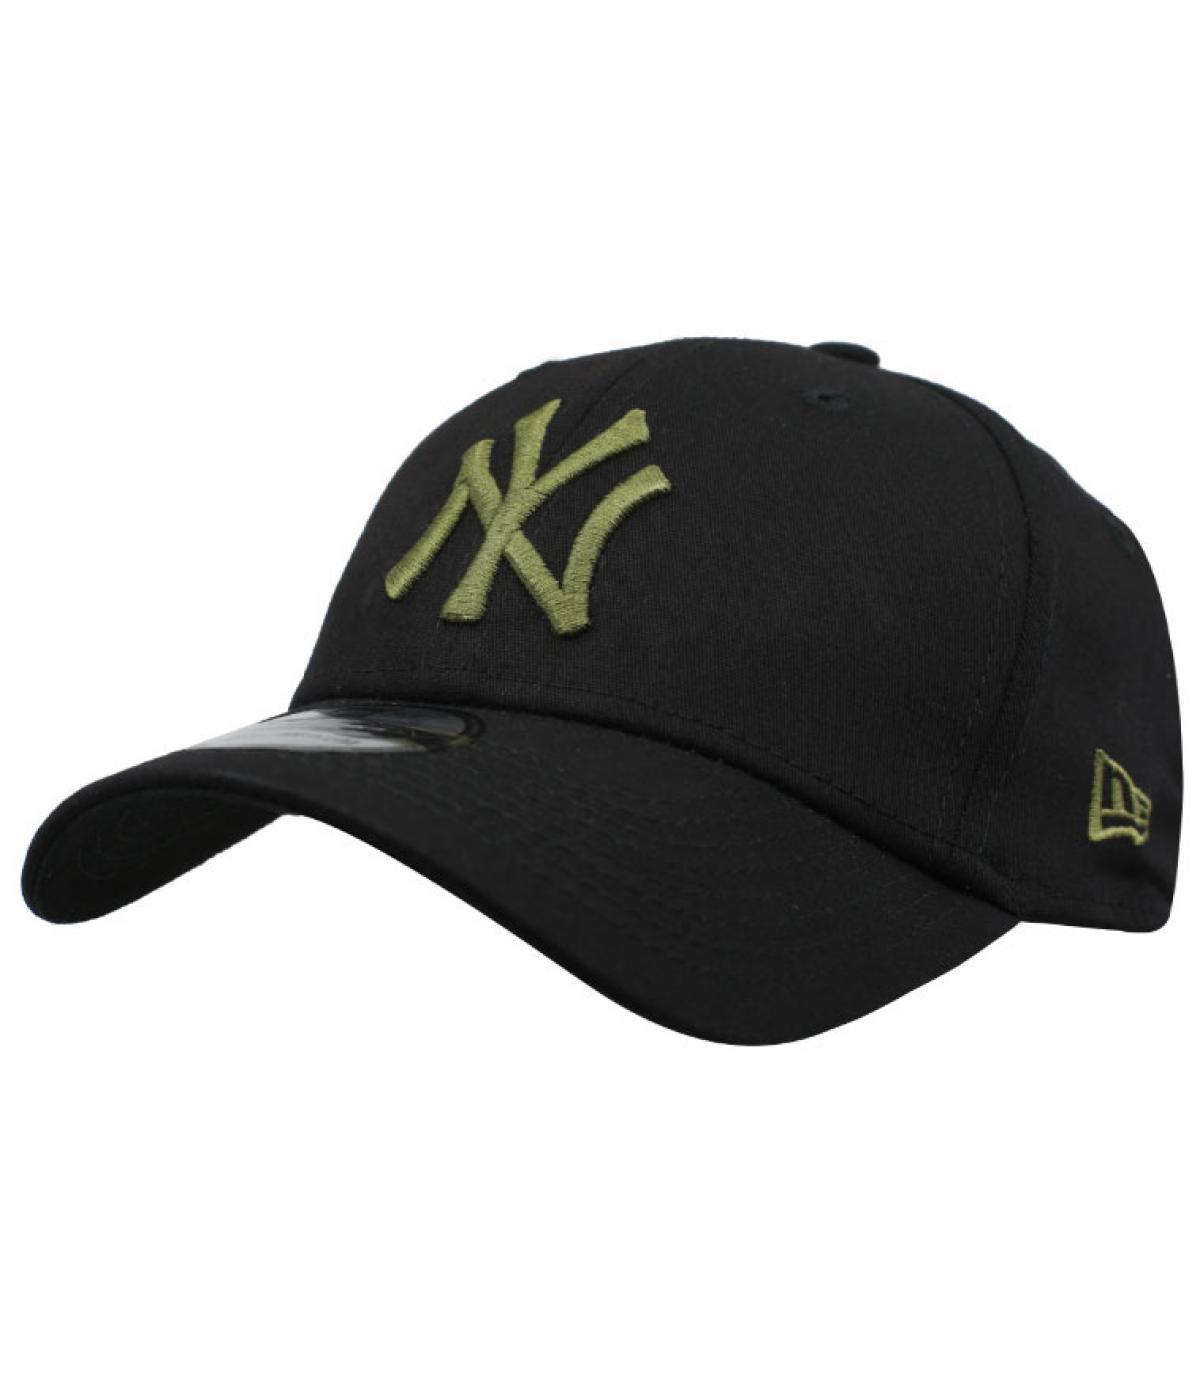 cappuccio NY nero verde